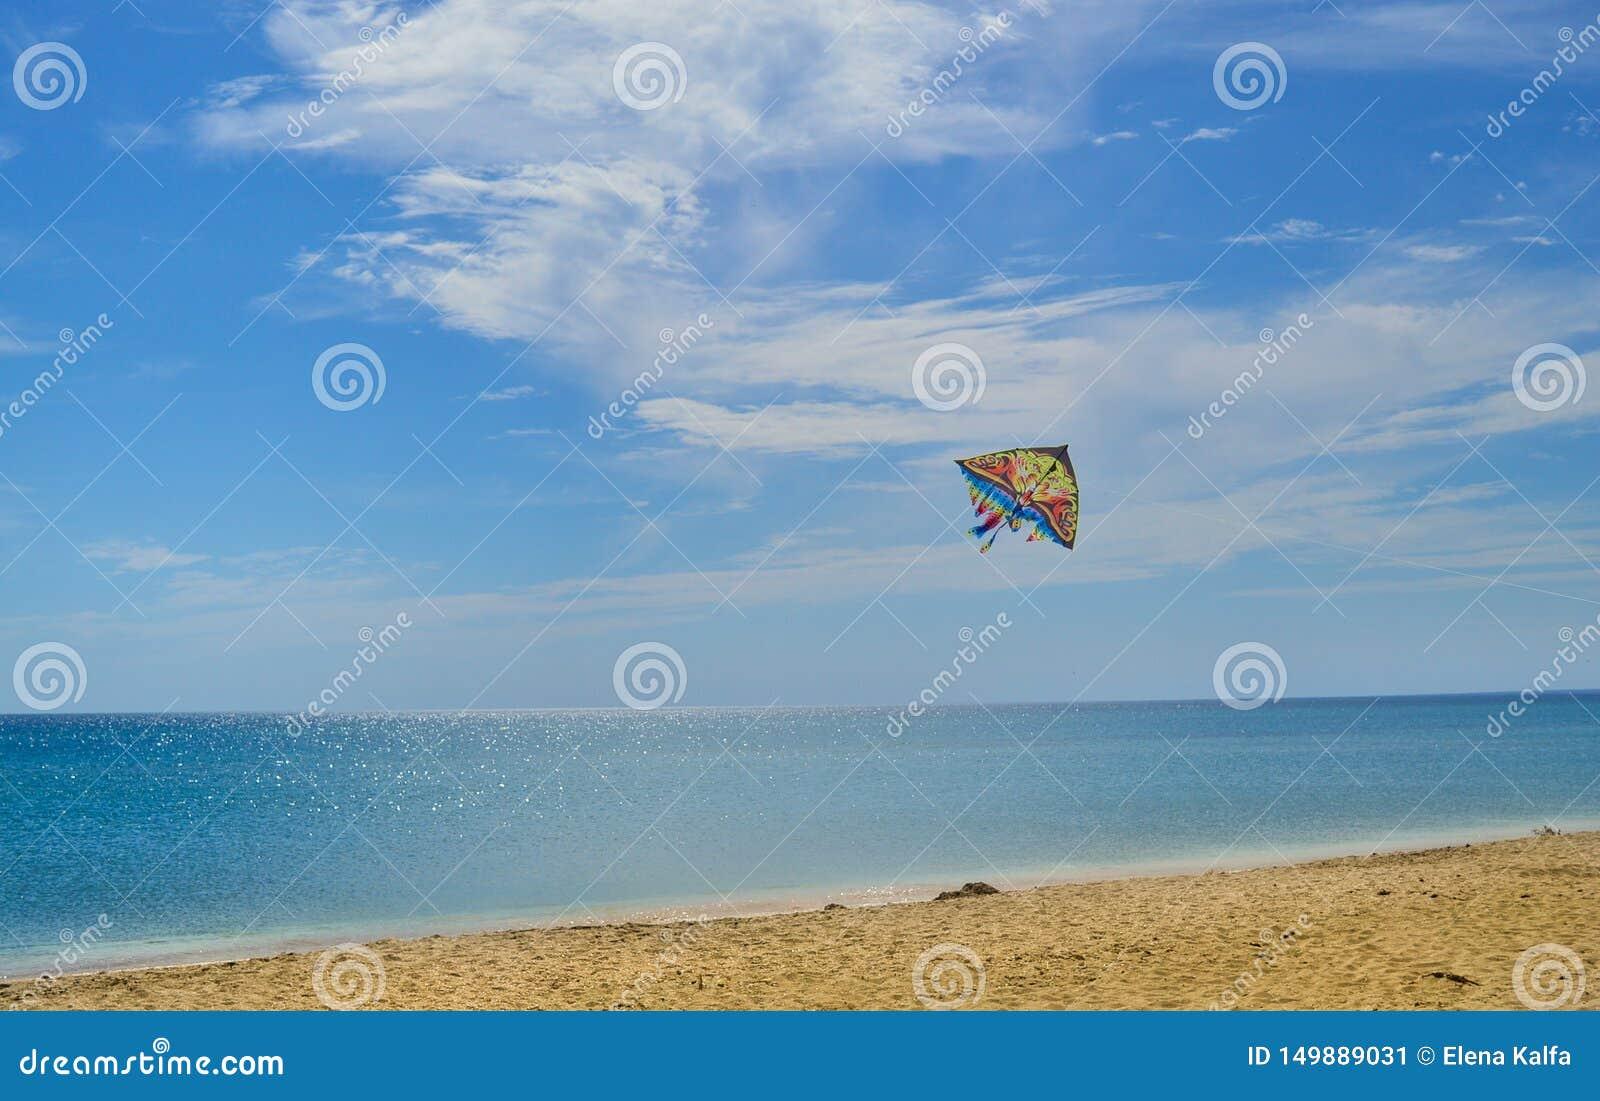 Mer bleue et plage sablonneuse un jour ensoleillé et cerf-volant dans le ciel